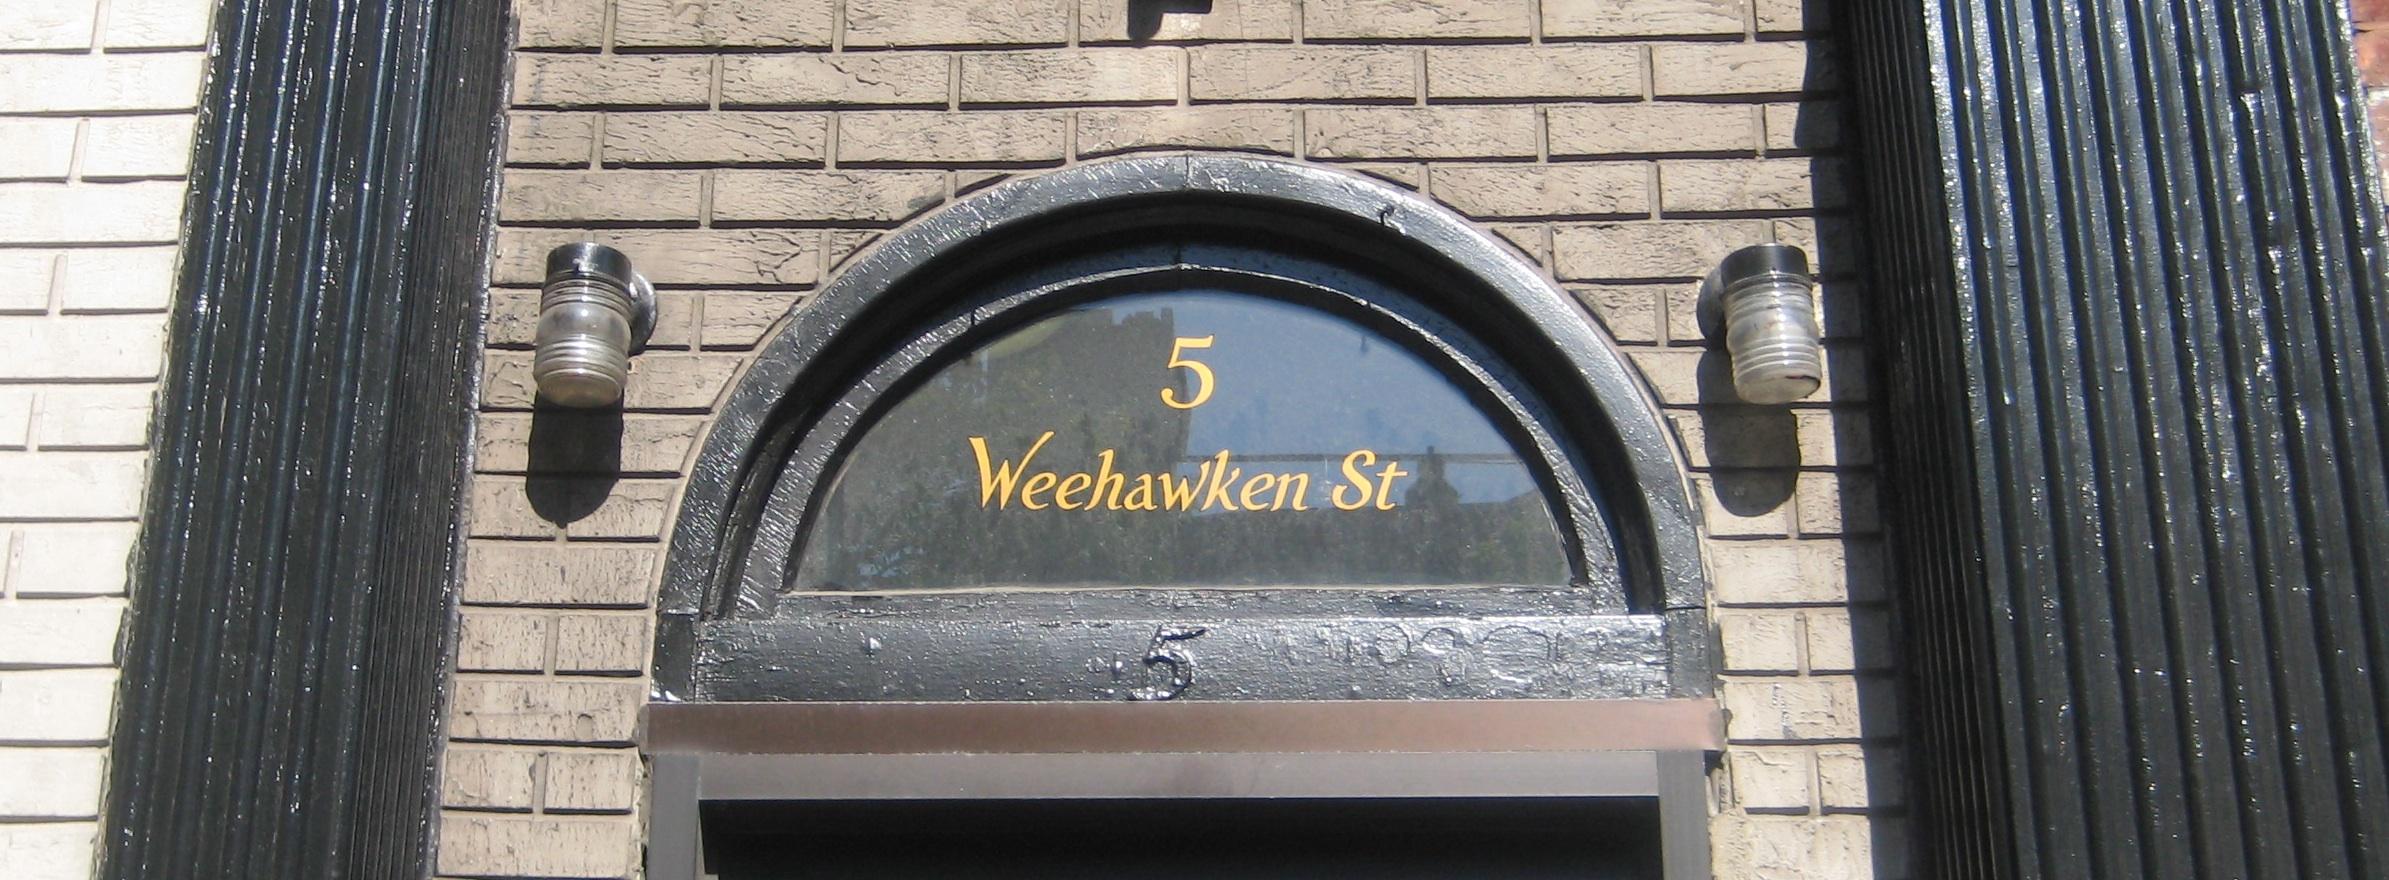 Ives House Numbers Fiveweehawkenstreet